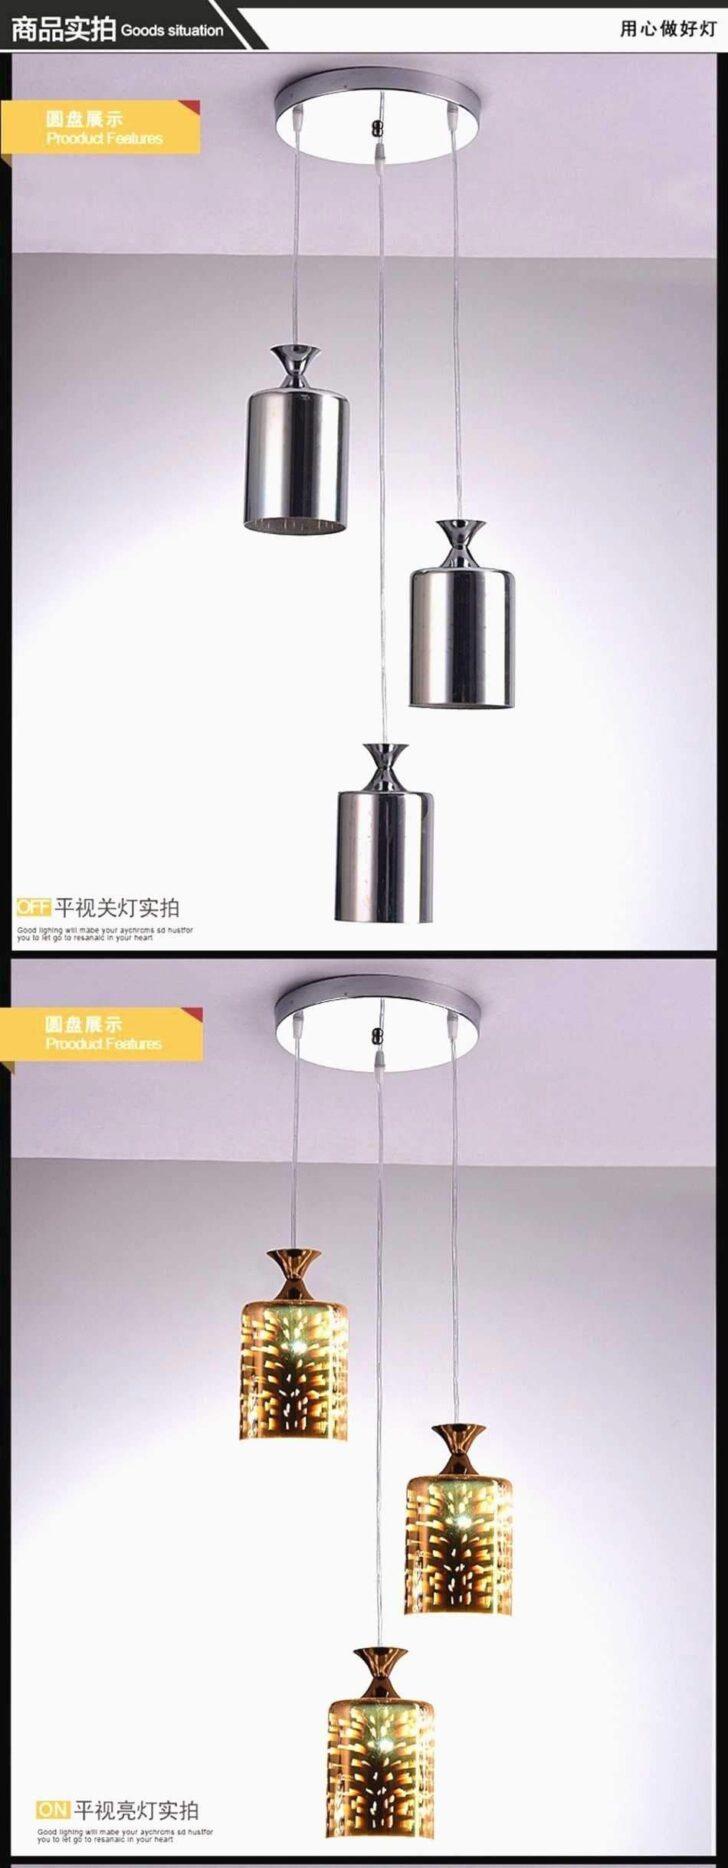 Medium Size of Wohnzimmerlampen Ikea 38 Luxus Lampen Wohnzimmer Reizend Frisch Betten 160x200 Bei Miniküche Küche Kosten Sofa Mit Schlaffunktion Modulküche Kaufen Wohnzimmer Wohnzimmerlampen Ikea